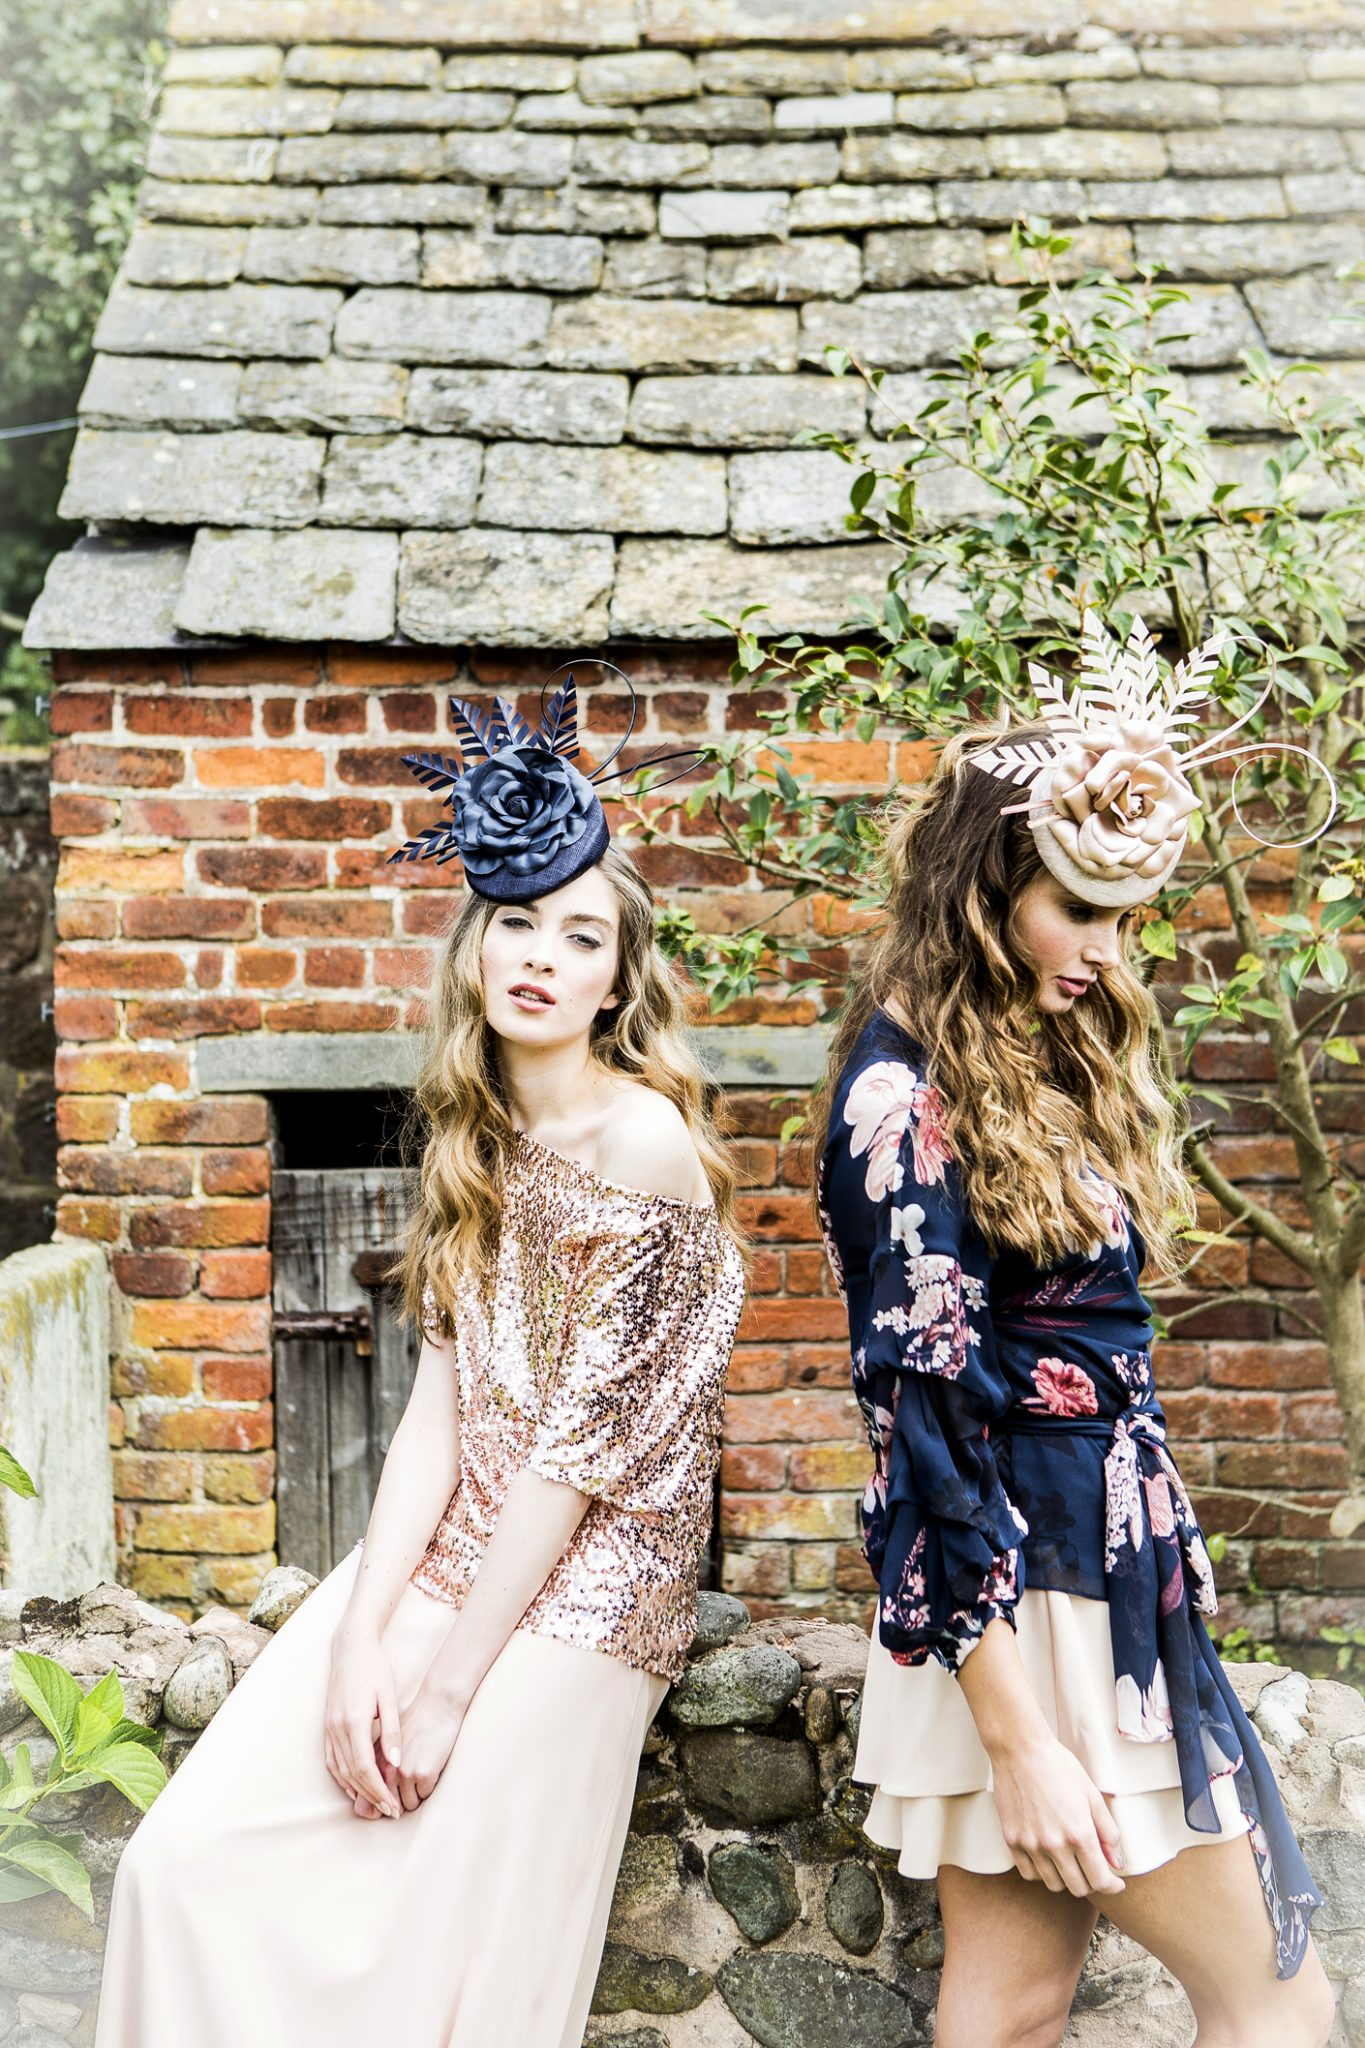 high-fashion-womenswear-photography-in-manchester